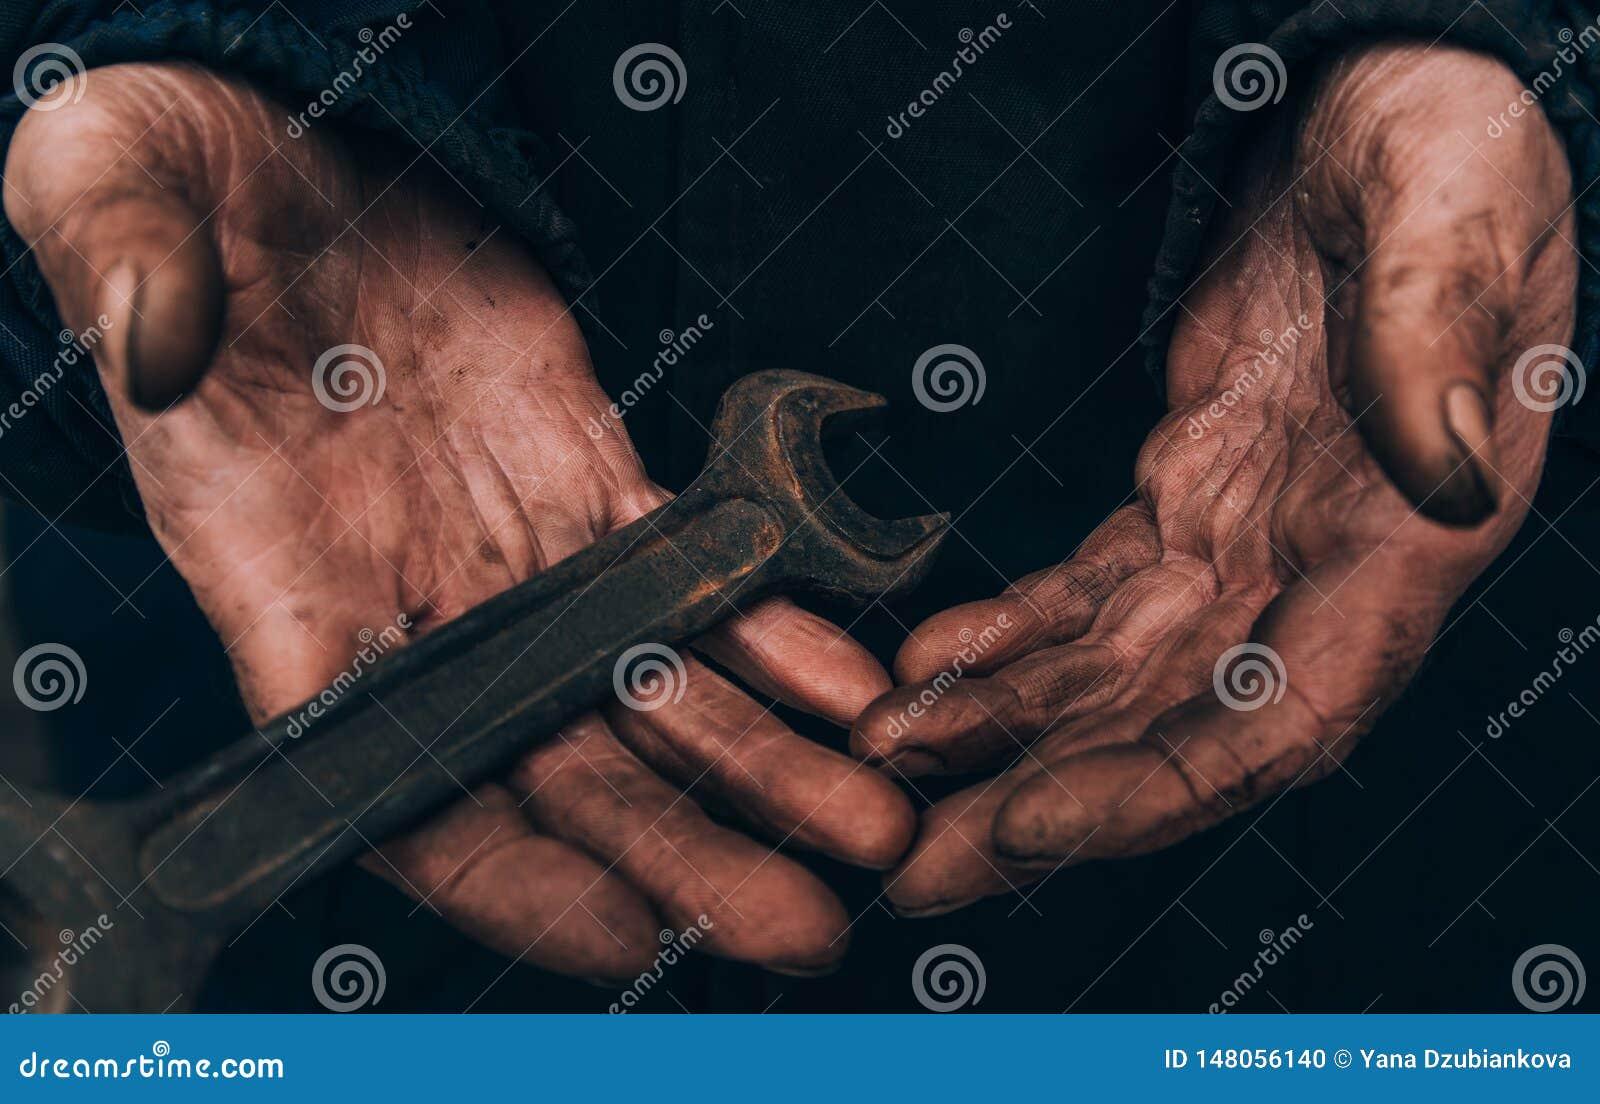 Грязные руки человека, деятеля, человек стекли его руки пока работающ, бедный человек